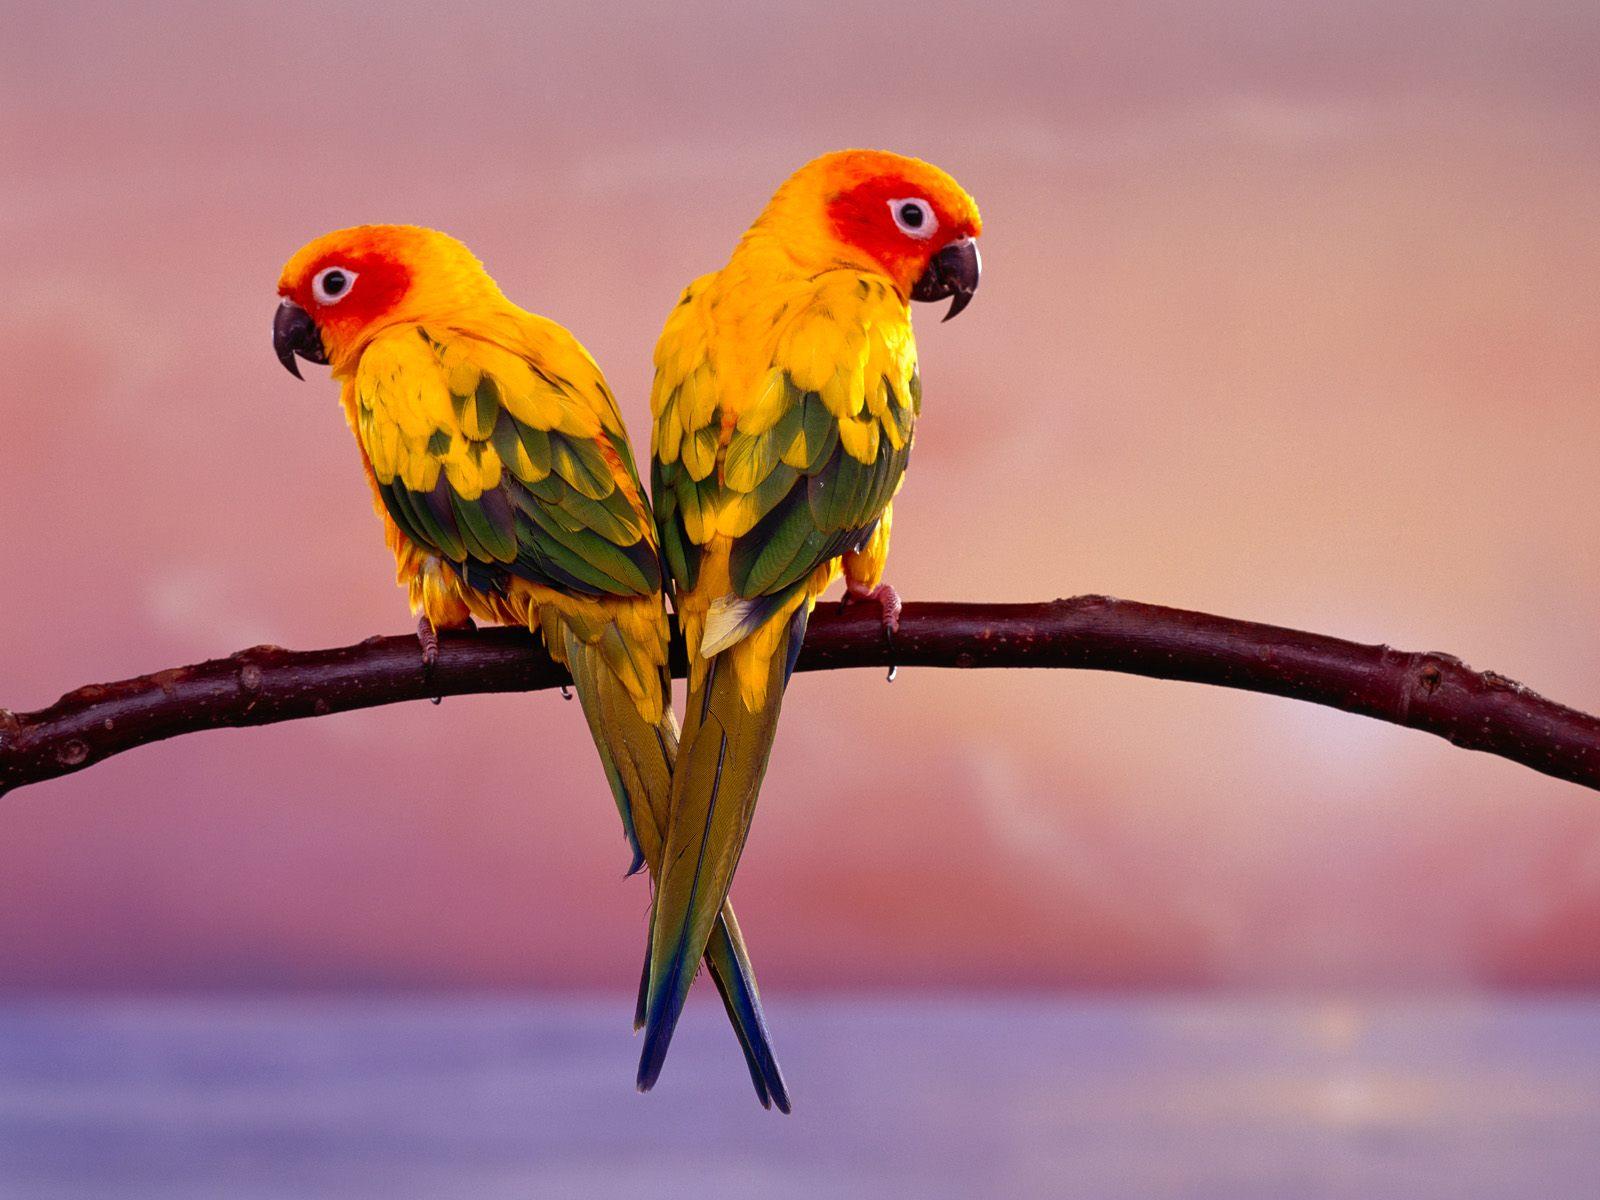 birds wallpapers hd bird wallpaper hd birds wallpapers bird hd 1600x1200